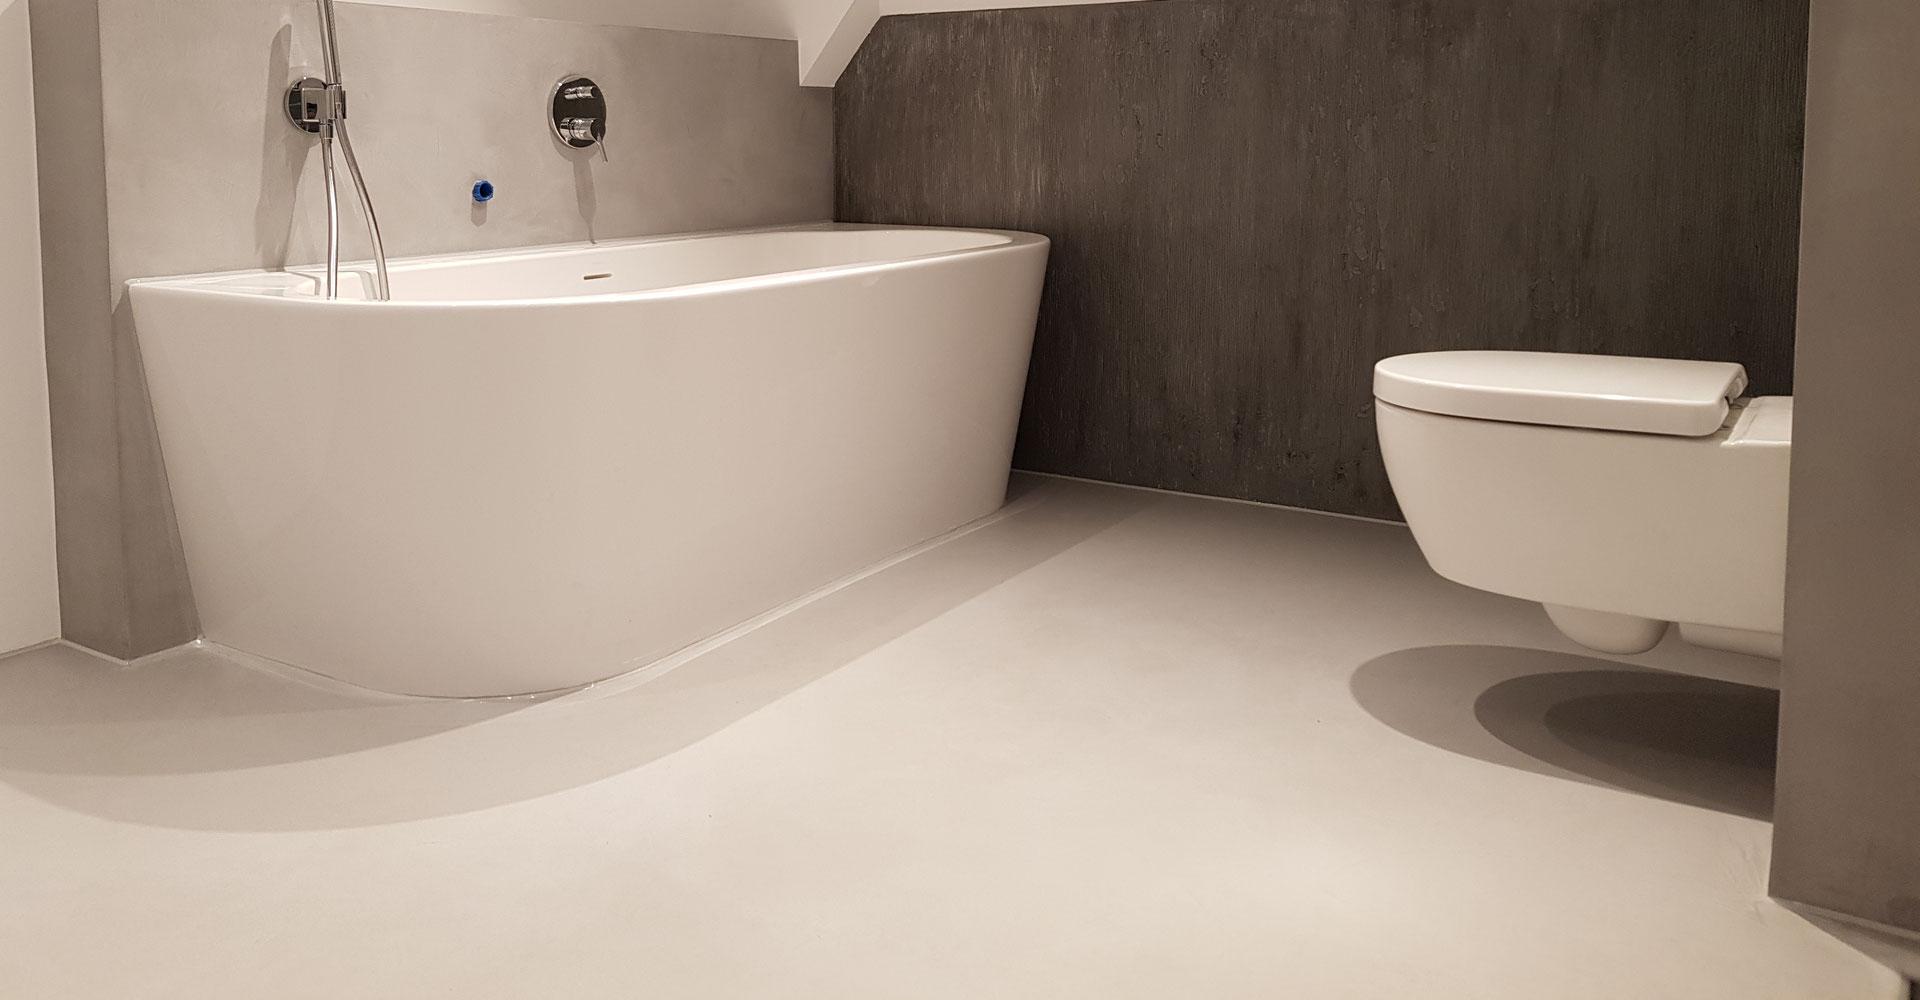 Gietvloer Amsterdam badkamer